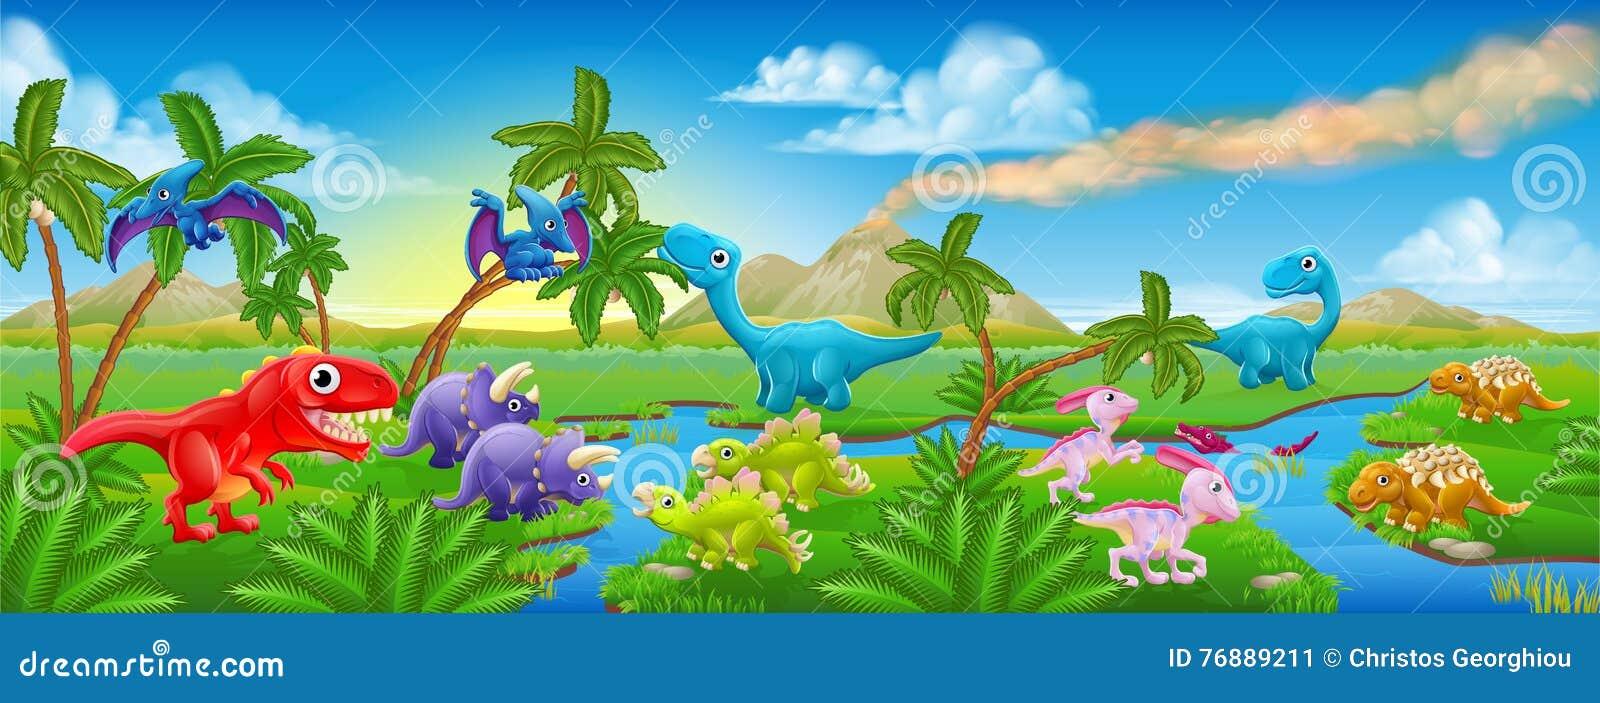 Dinosaur Scene Stock Illustrations 2 085 Dinosaur Scene Stock Illustrations Vectors Clipart Dreamstime